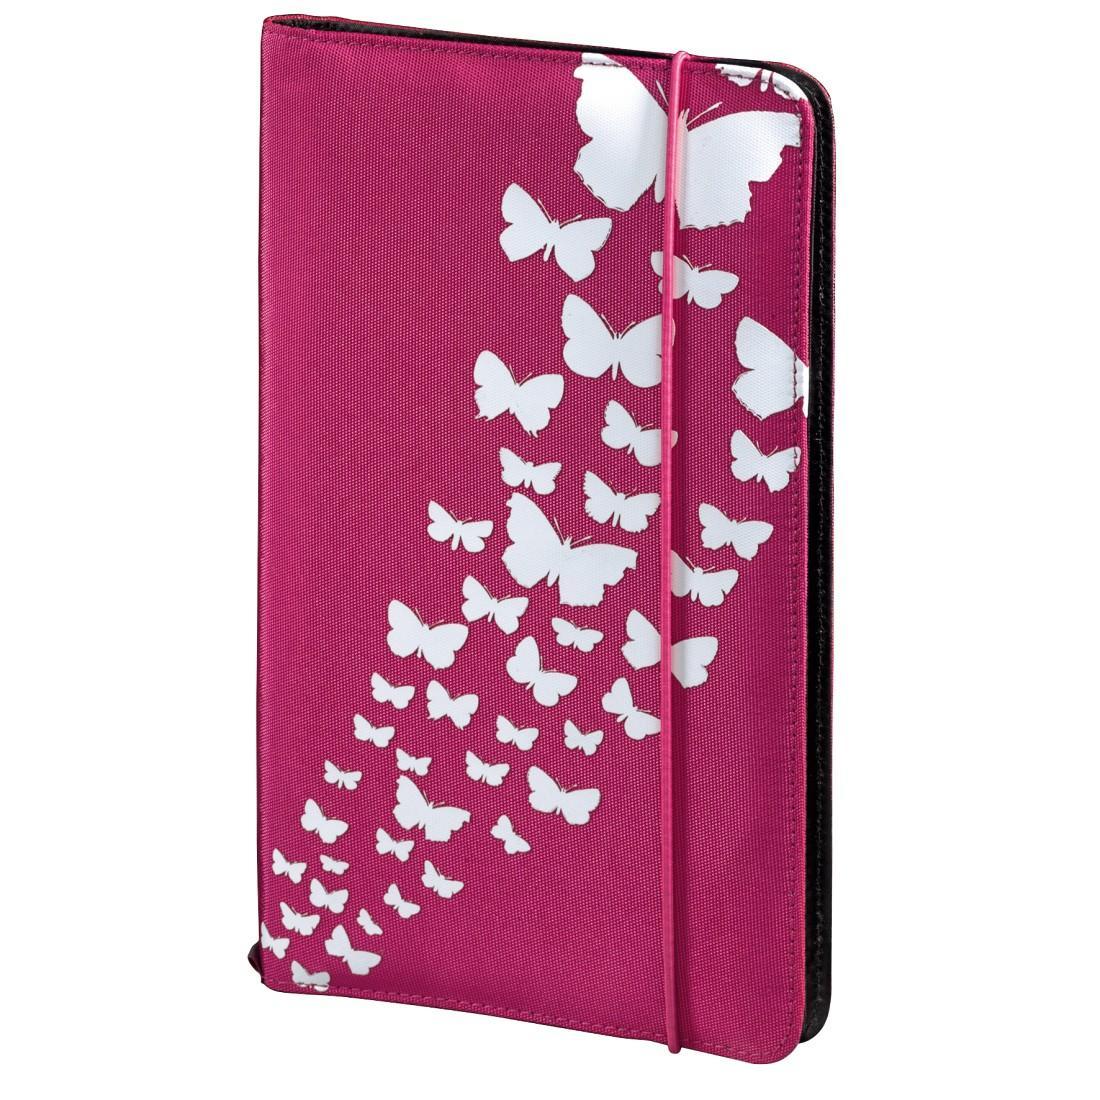 Hama CD Tasche Up to Fashion Pink: Amazon.de: Computer & Zubehör